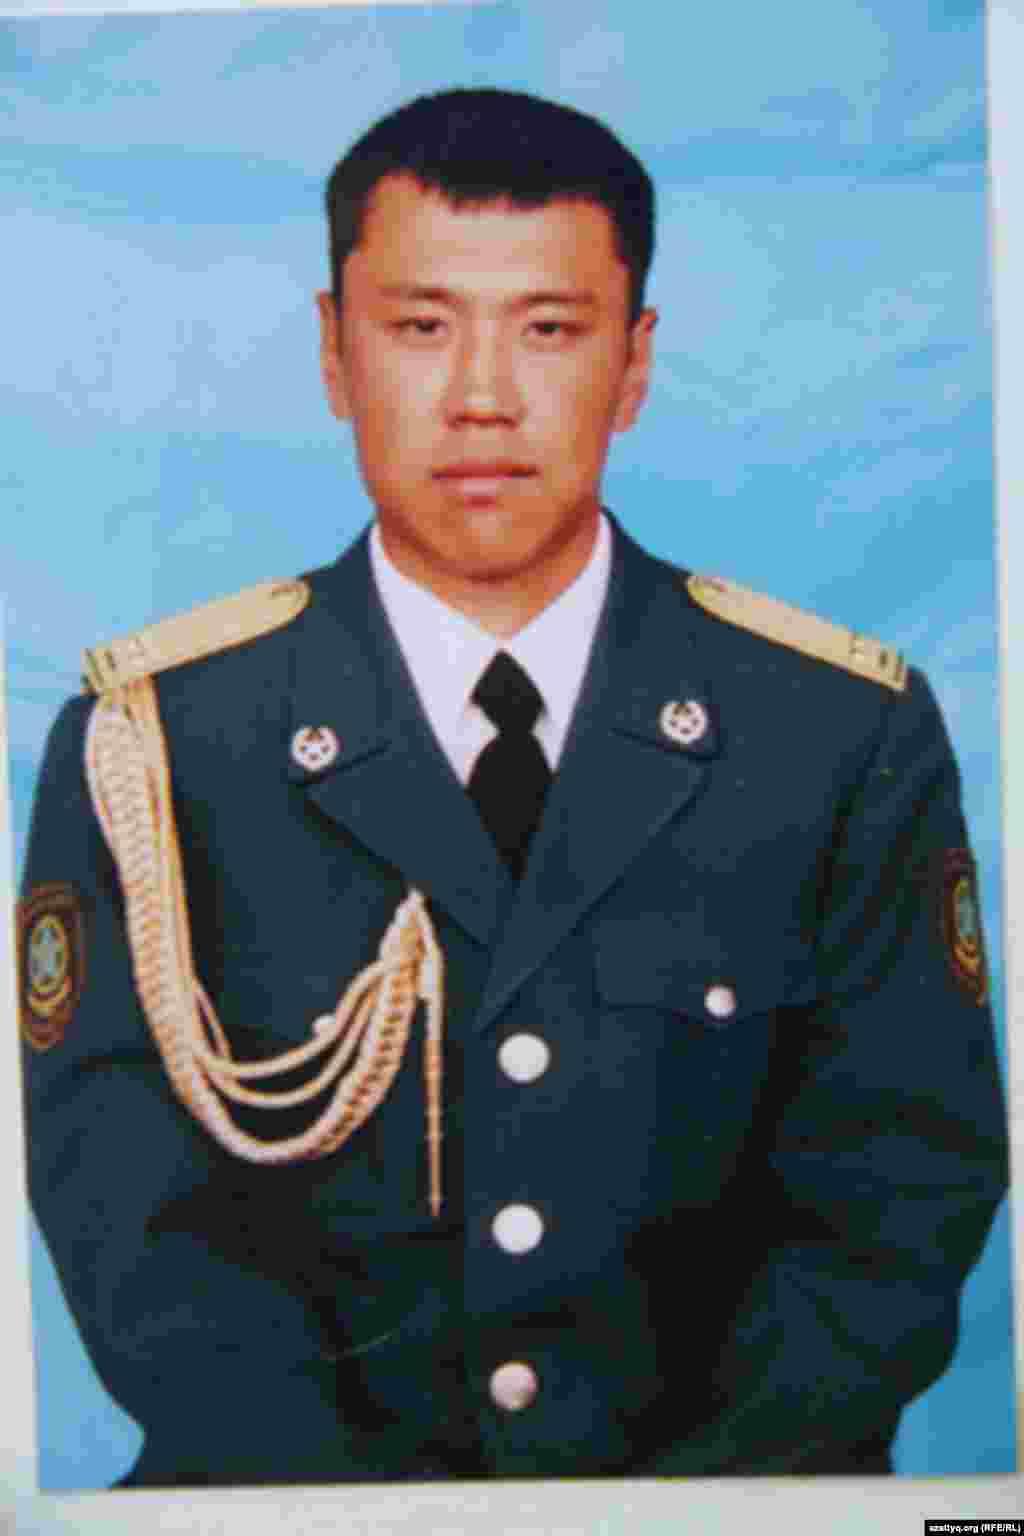 Алтынбек Кереев, солдат пограничной службы «Шыгыс», Казахстан.